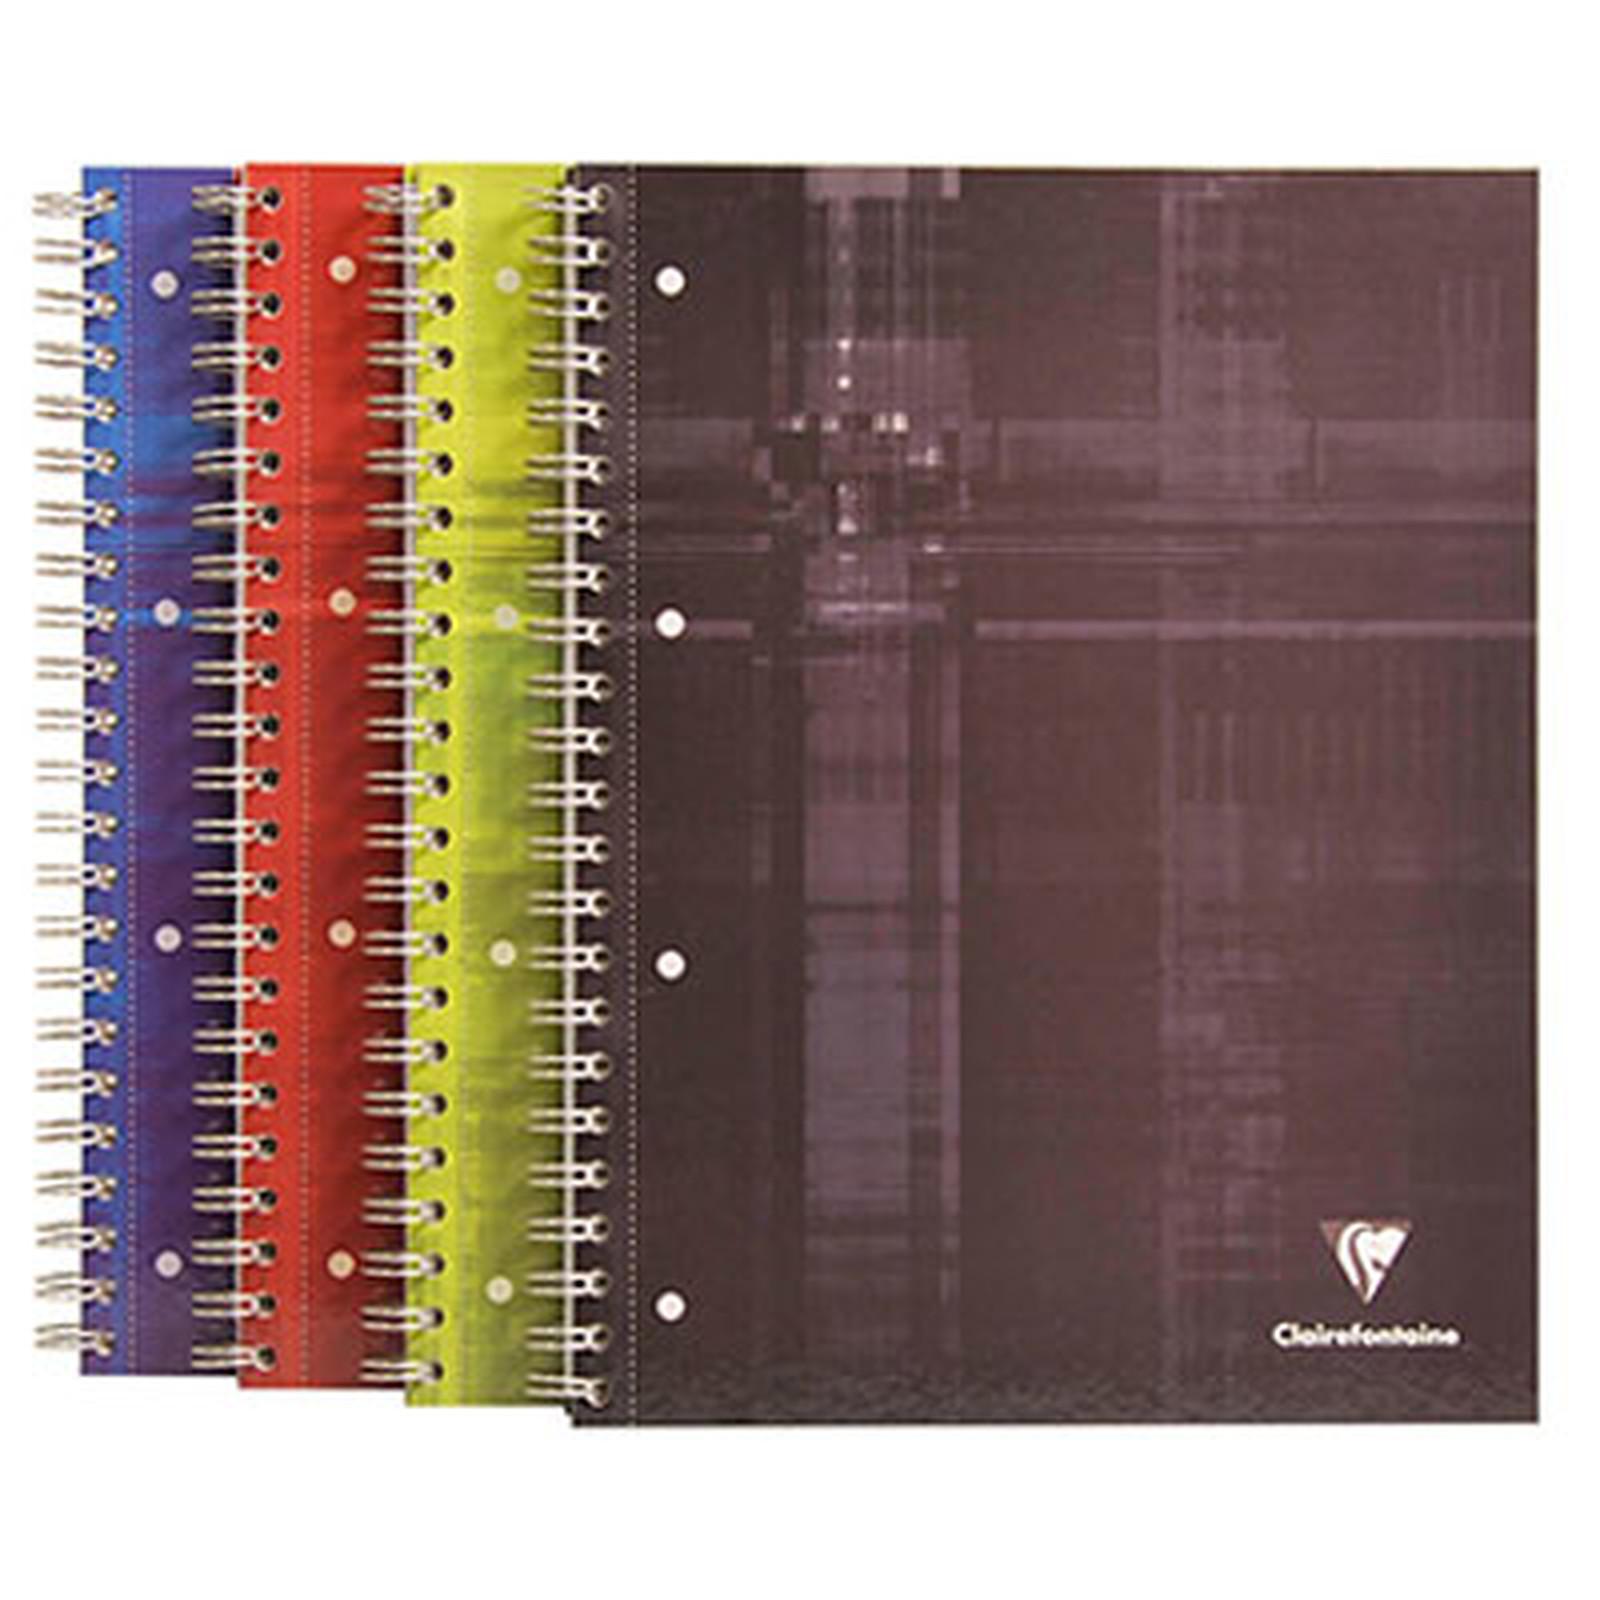 Clairefontaine Cuaderno Bind'O Block A4 160 páginas cuadrados pequeños